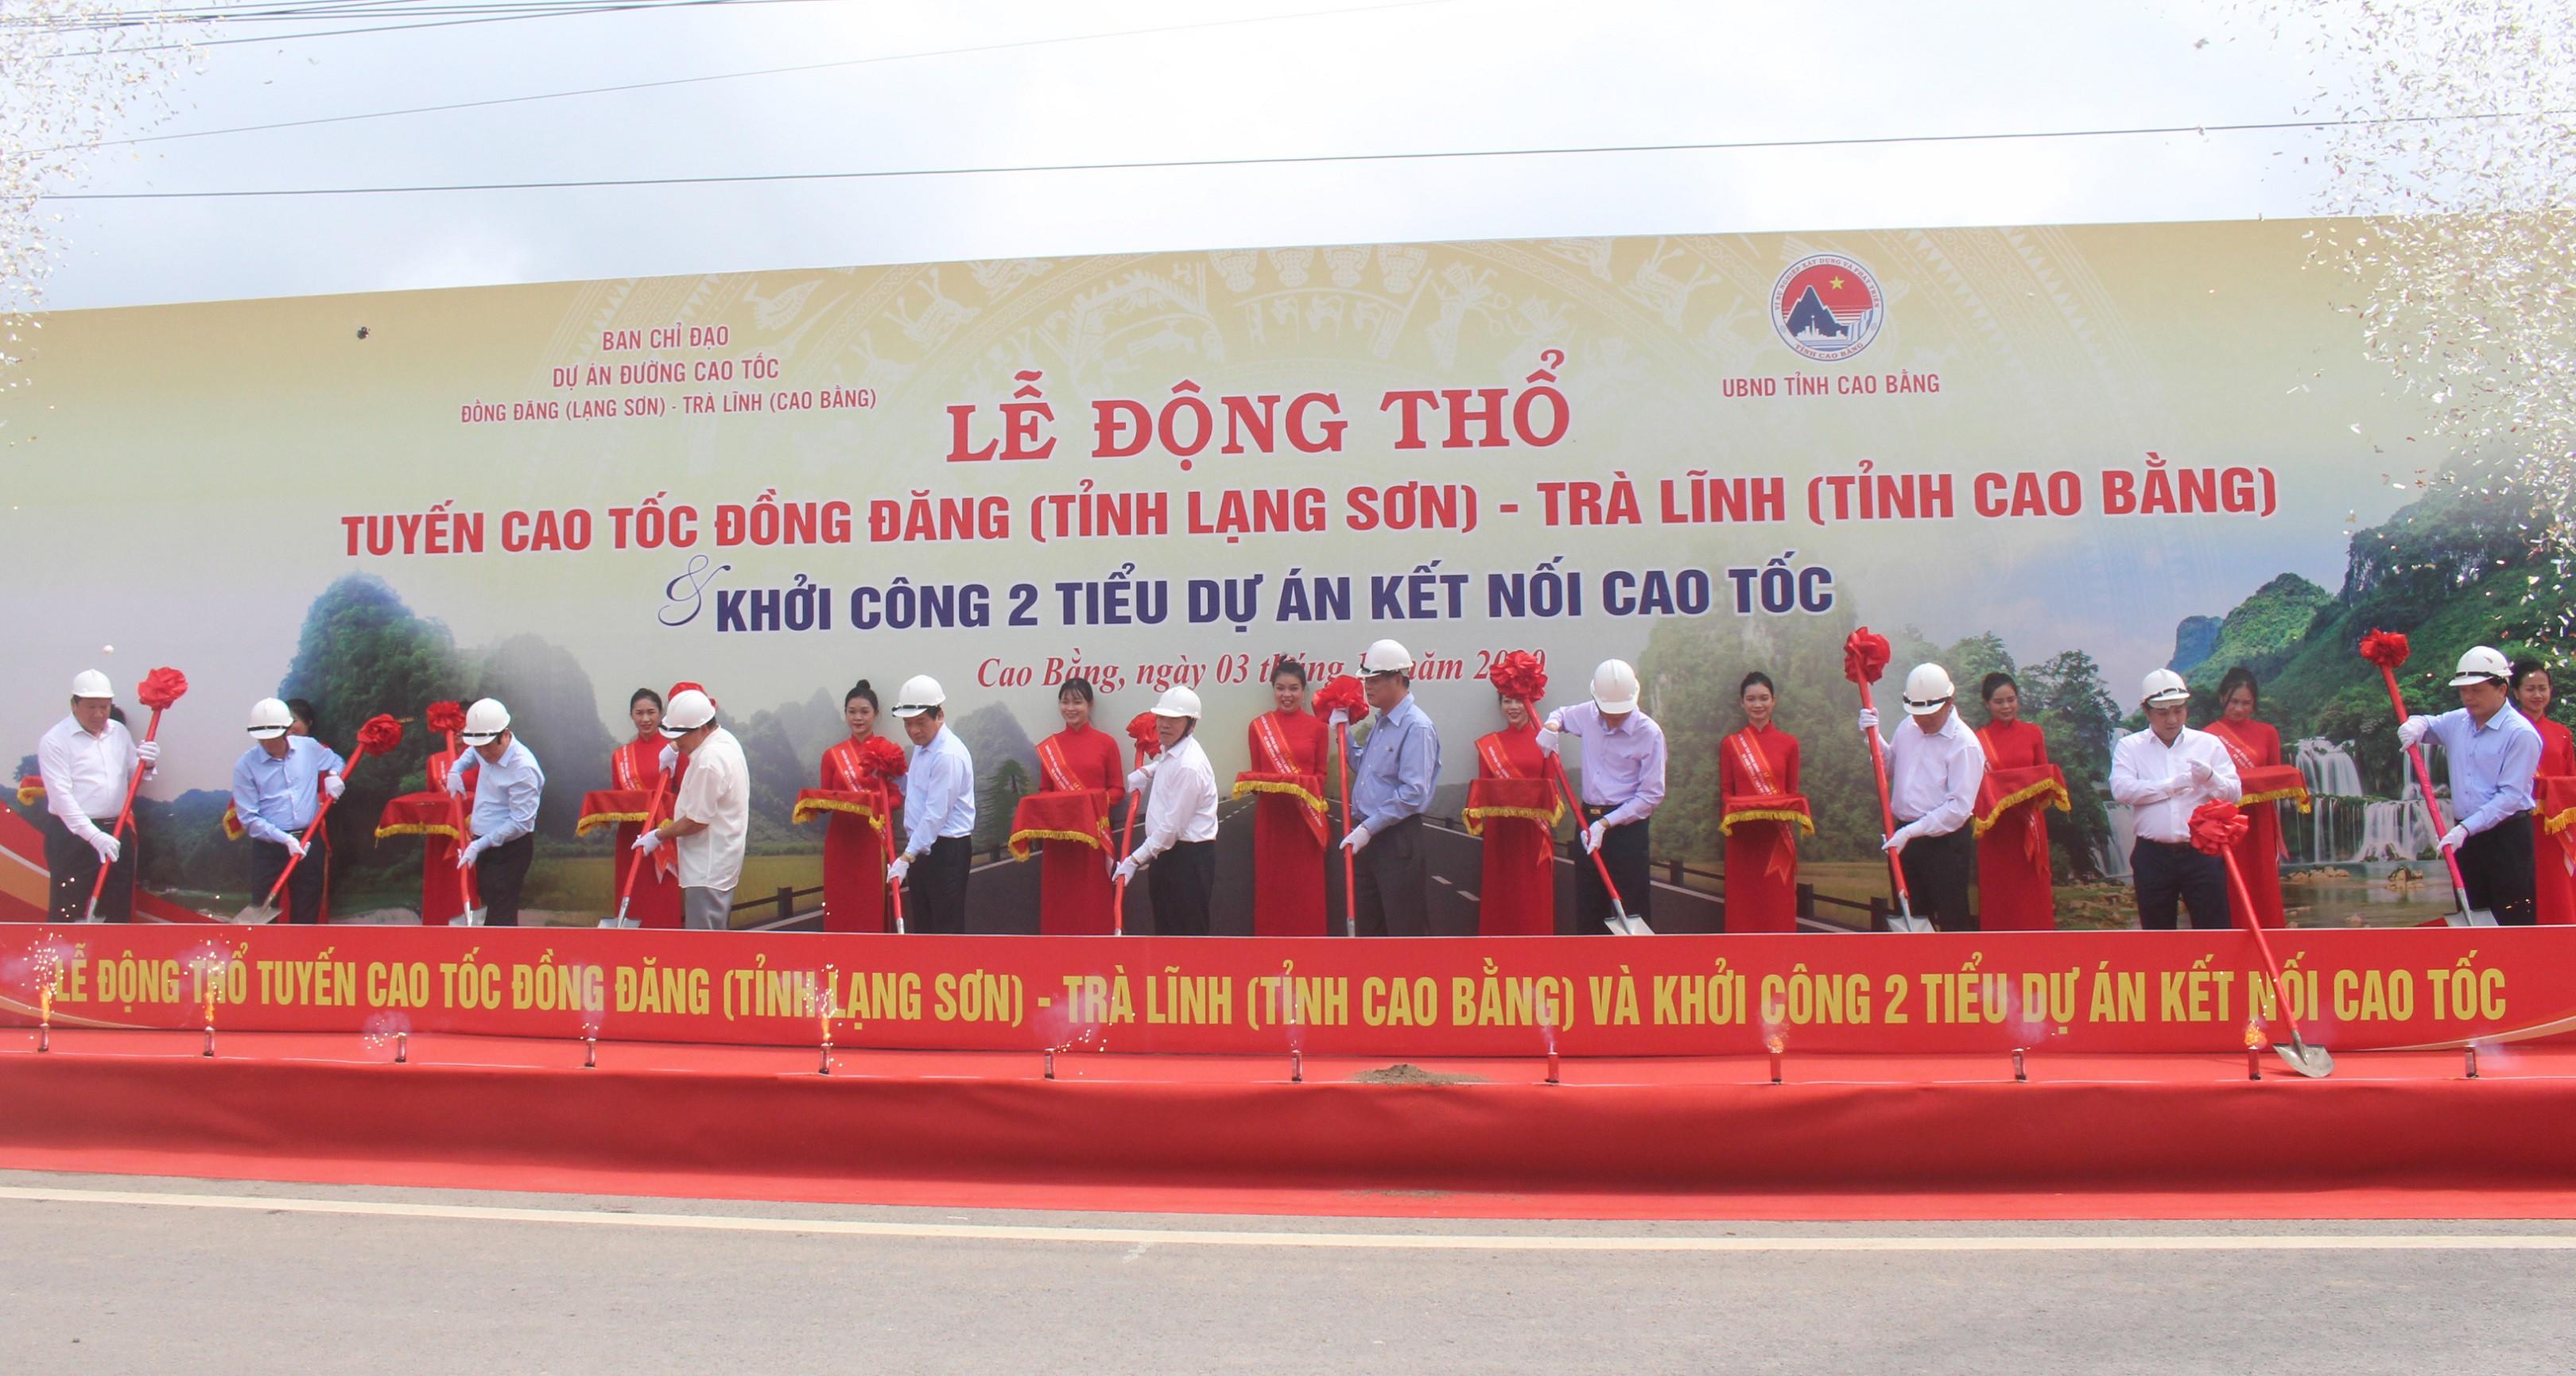 Cao tốc Đồng Đăng - Trà Lĩnh chính thức làm lễ động thổ - Ảnh 1.